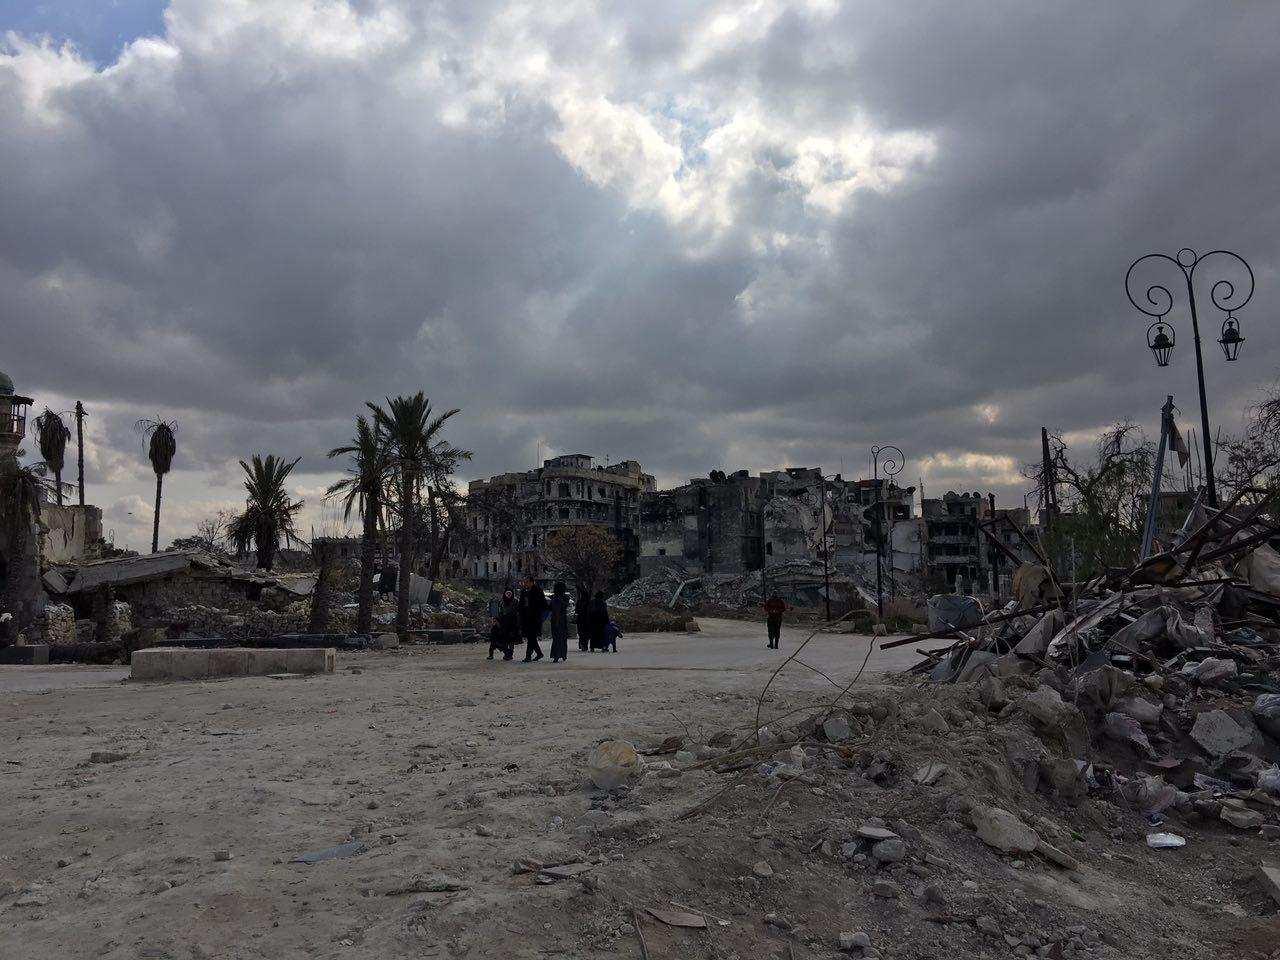 Они могли отрезать голову любому: Вырвавшийся изоков смерти рассказал о зверствах ИГИЛ (ВИДЕО) | Русская весна